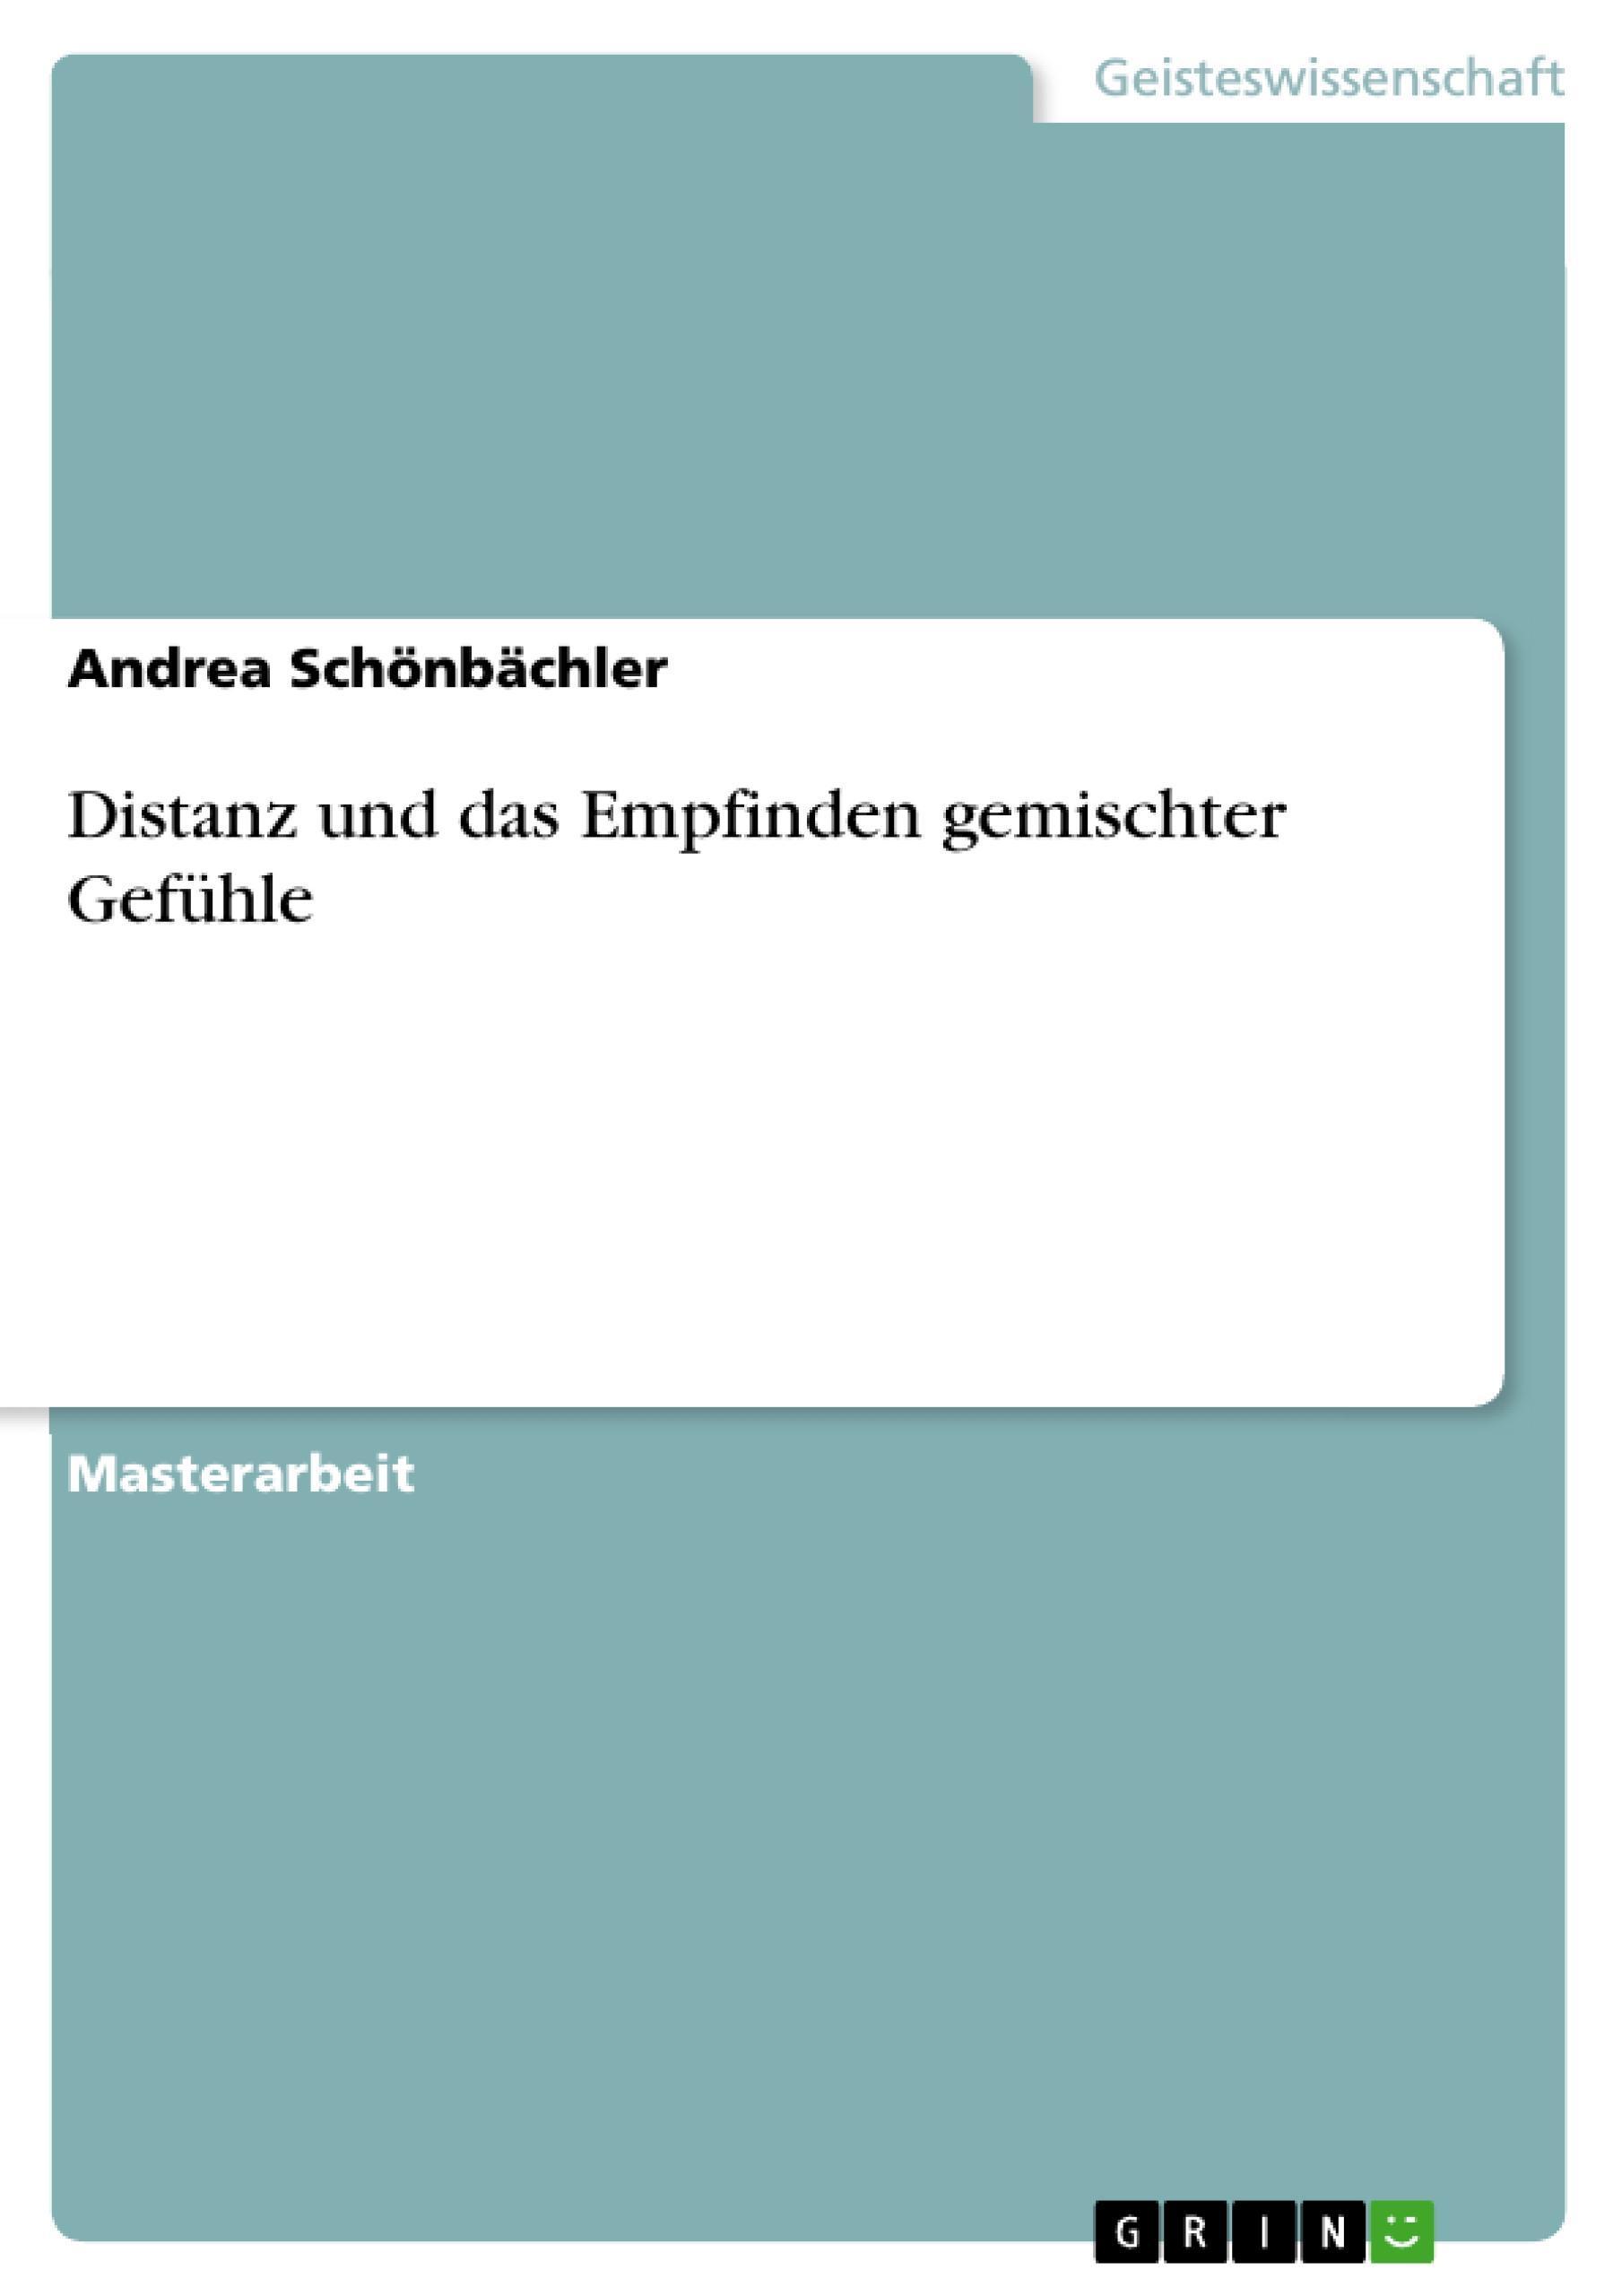 Distanz und das Empfinden gemischter Gefühle Andrea Schönbächler